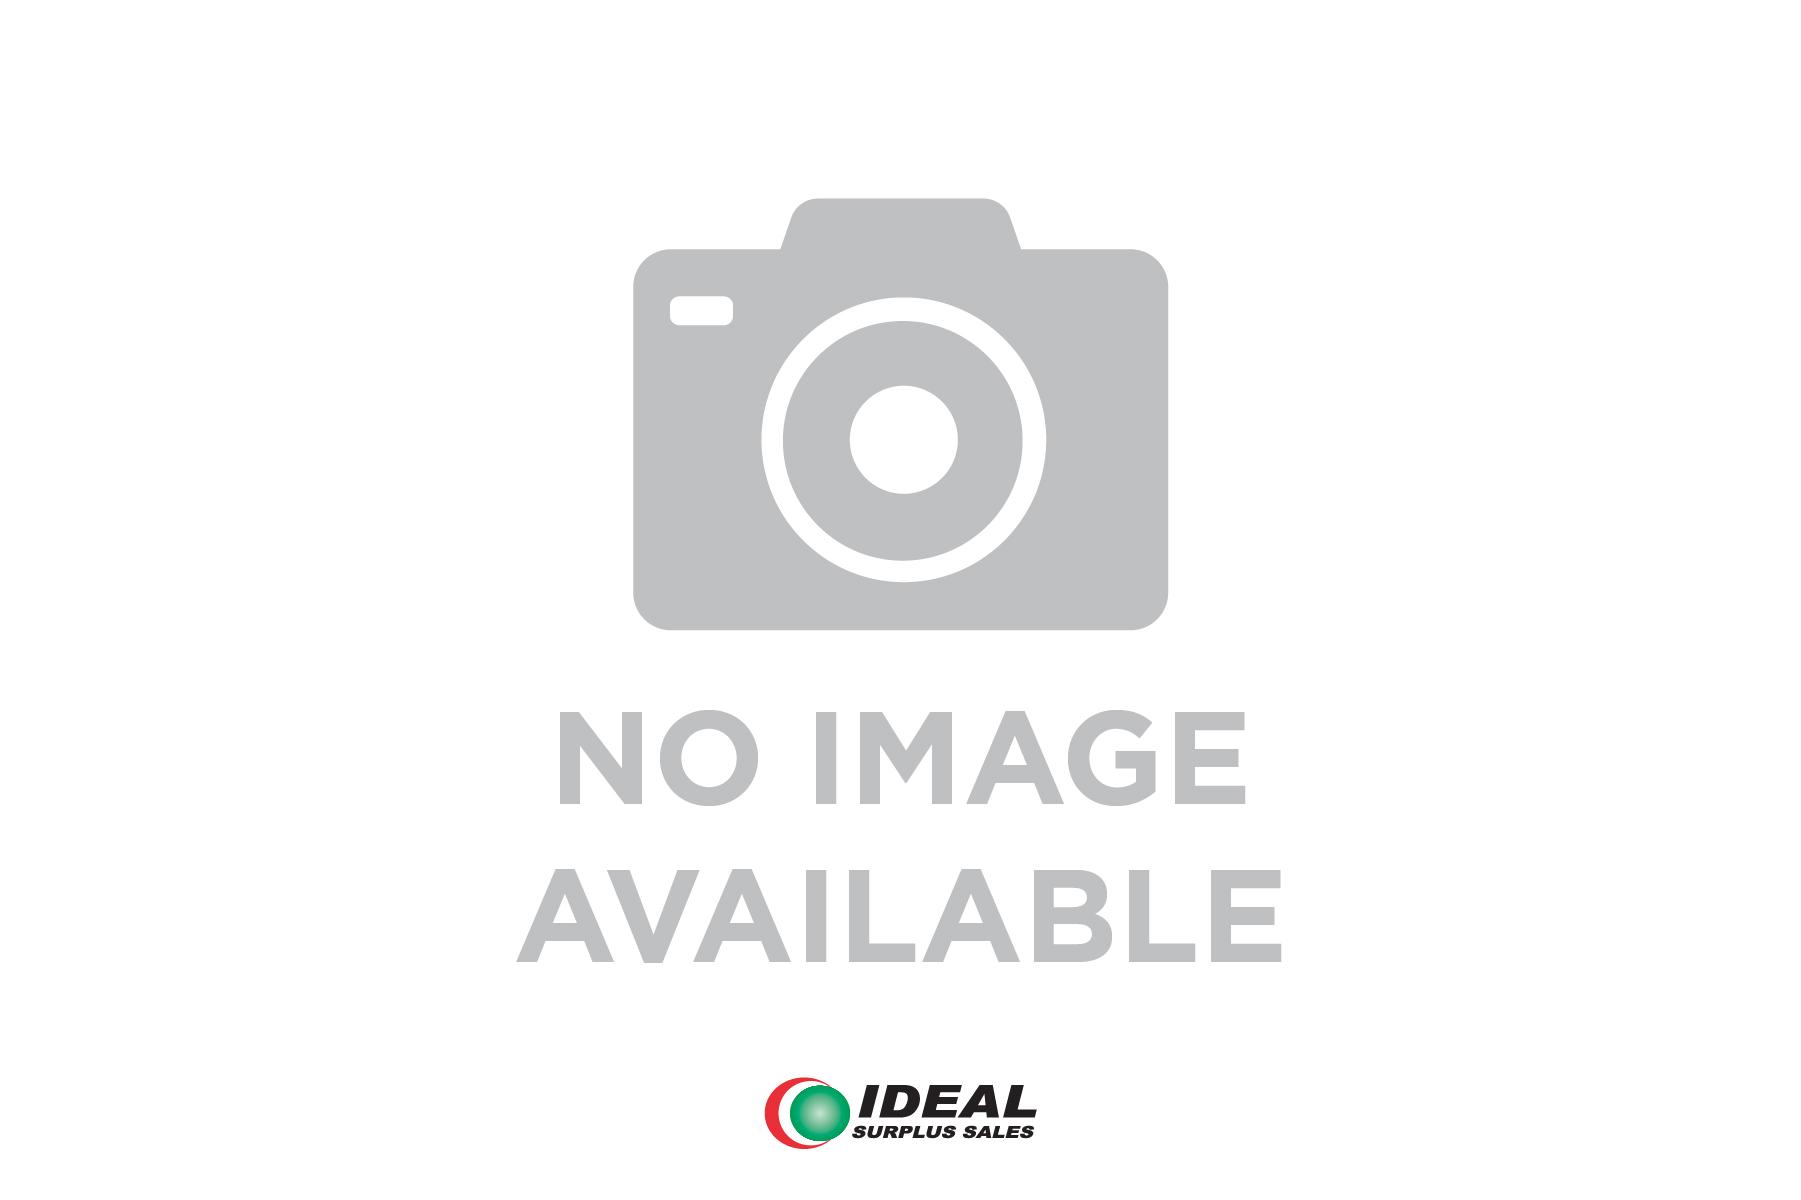 BOLL & KIRCH 6.60 DN50 FILTER UNIT